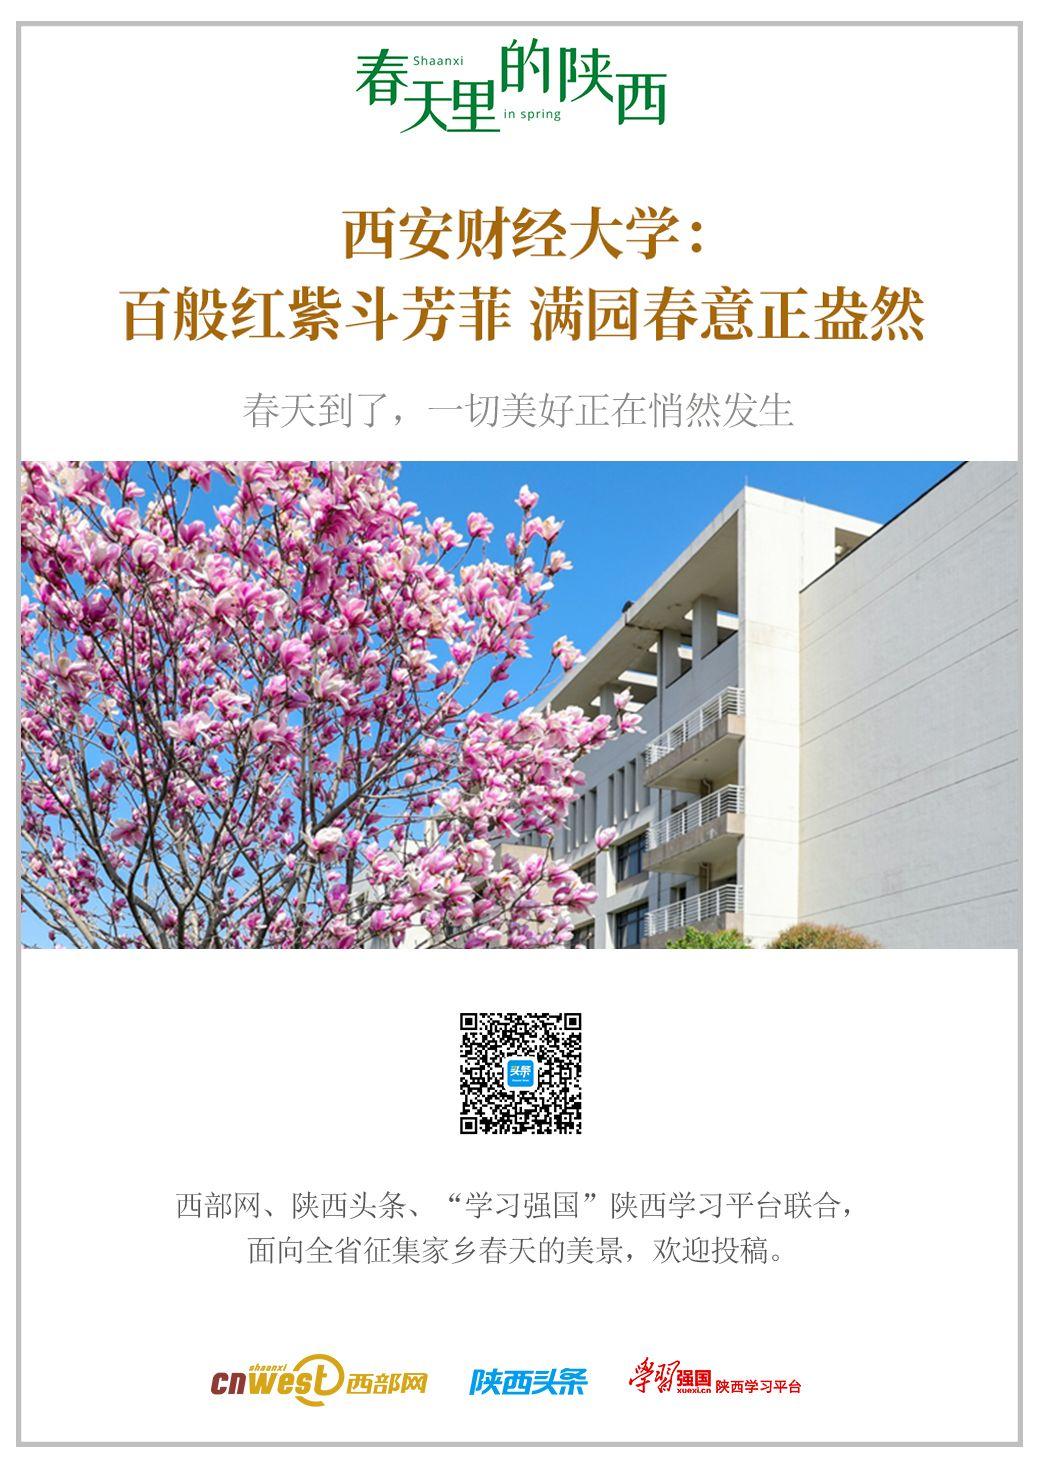 (融媒报道)春天里的陕西 | 西安财经大学:百般红紫斗芳菲 满园春意正盎然